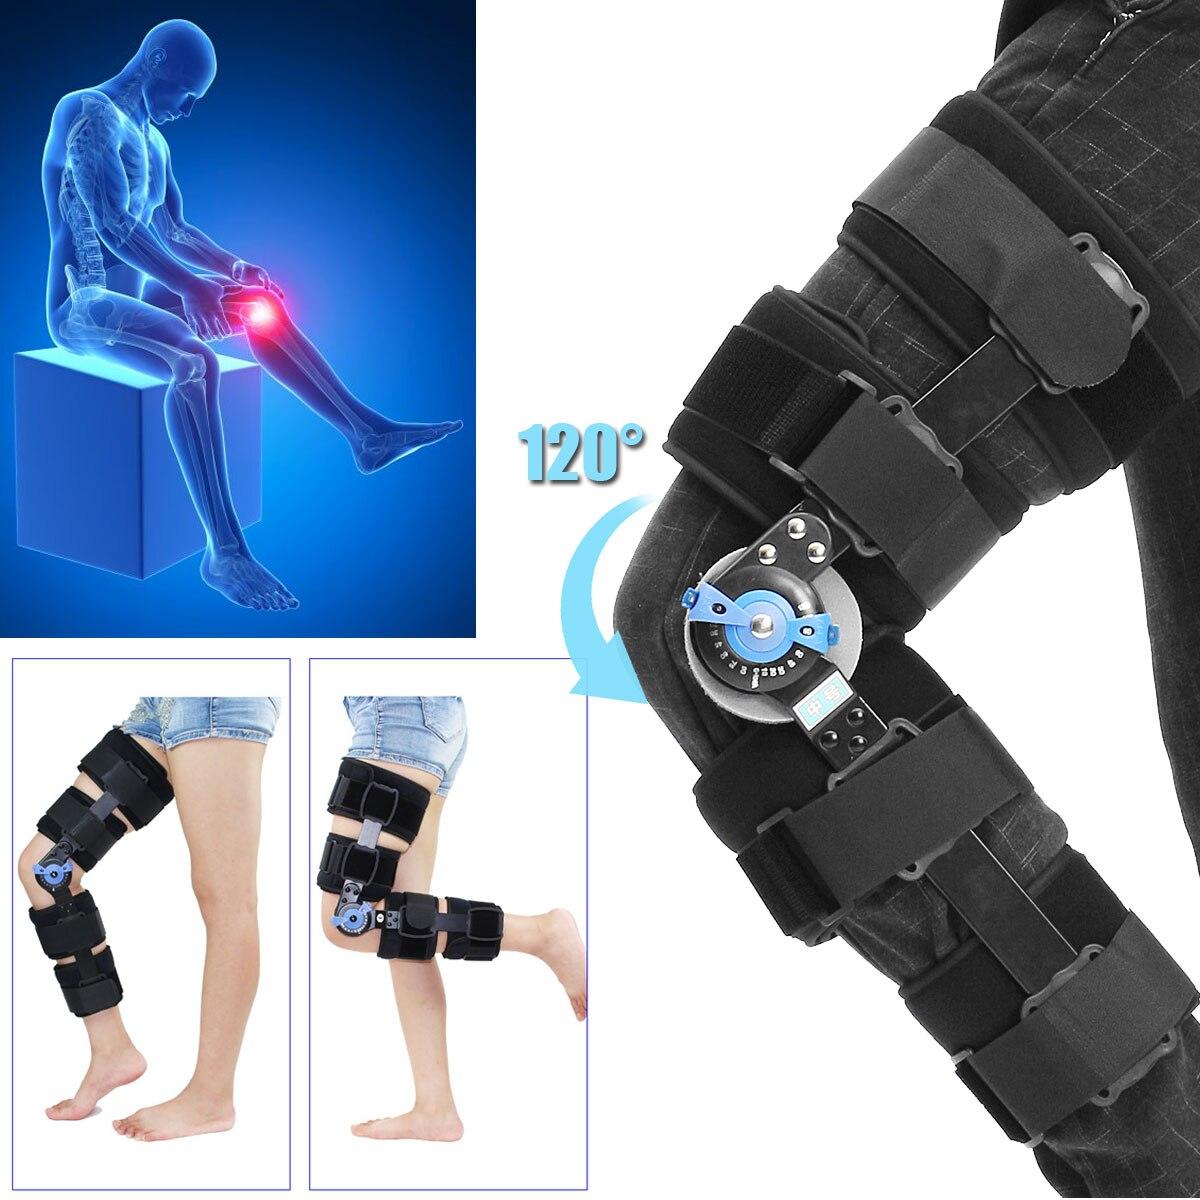 KIFIT Medical T-Scope Stabilisator Seil-bügel-verpackung Knieorthese Einstellbare Klapp Bein Supportor Hosenträger & Unterstützt